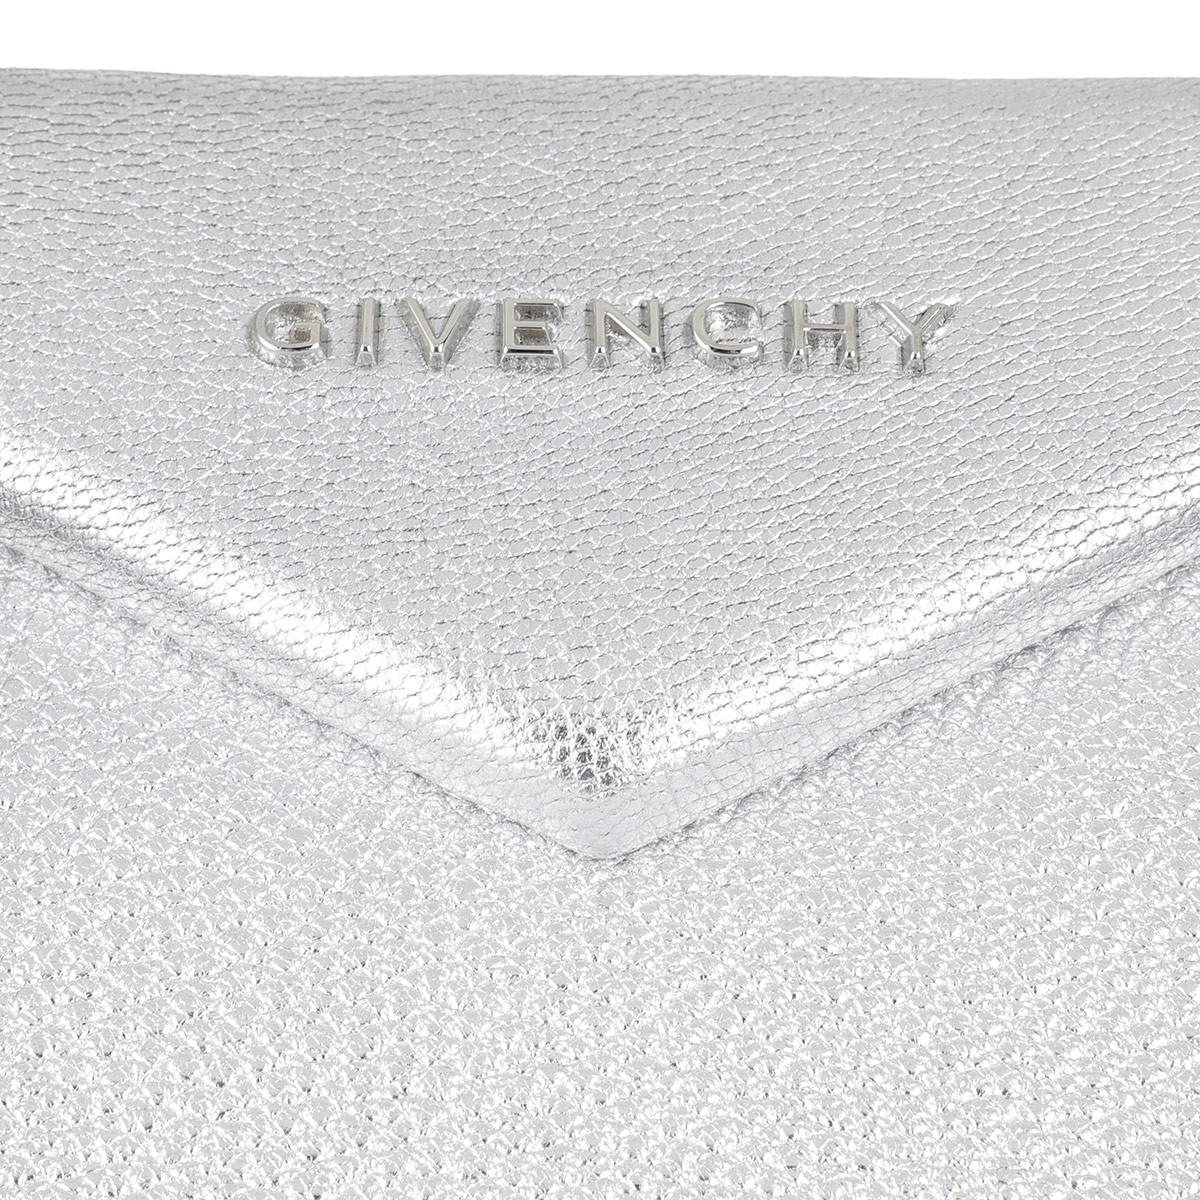 Givenchy Cotton Antigona Medium Tote Bag Silver in Metallic